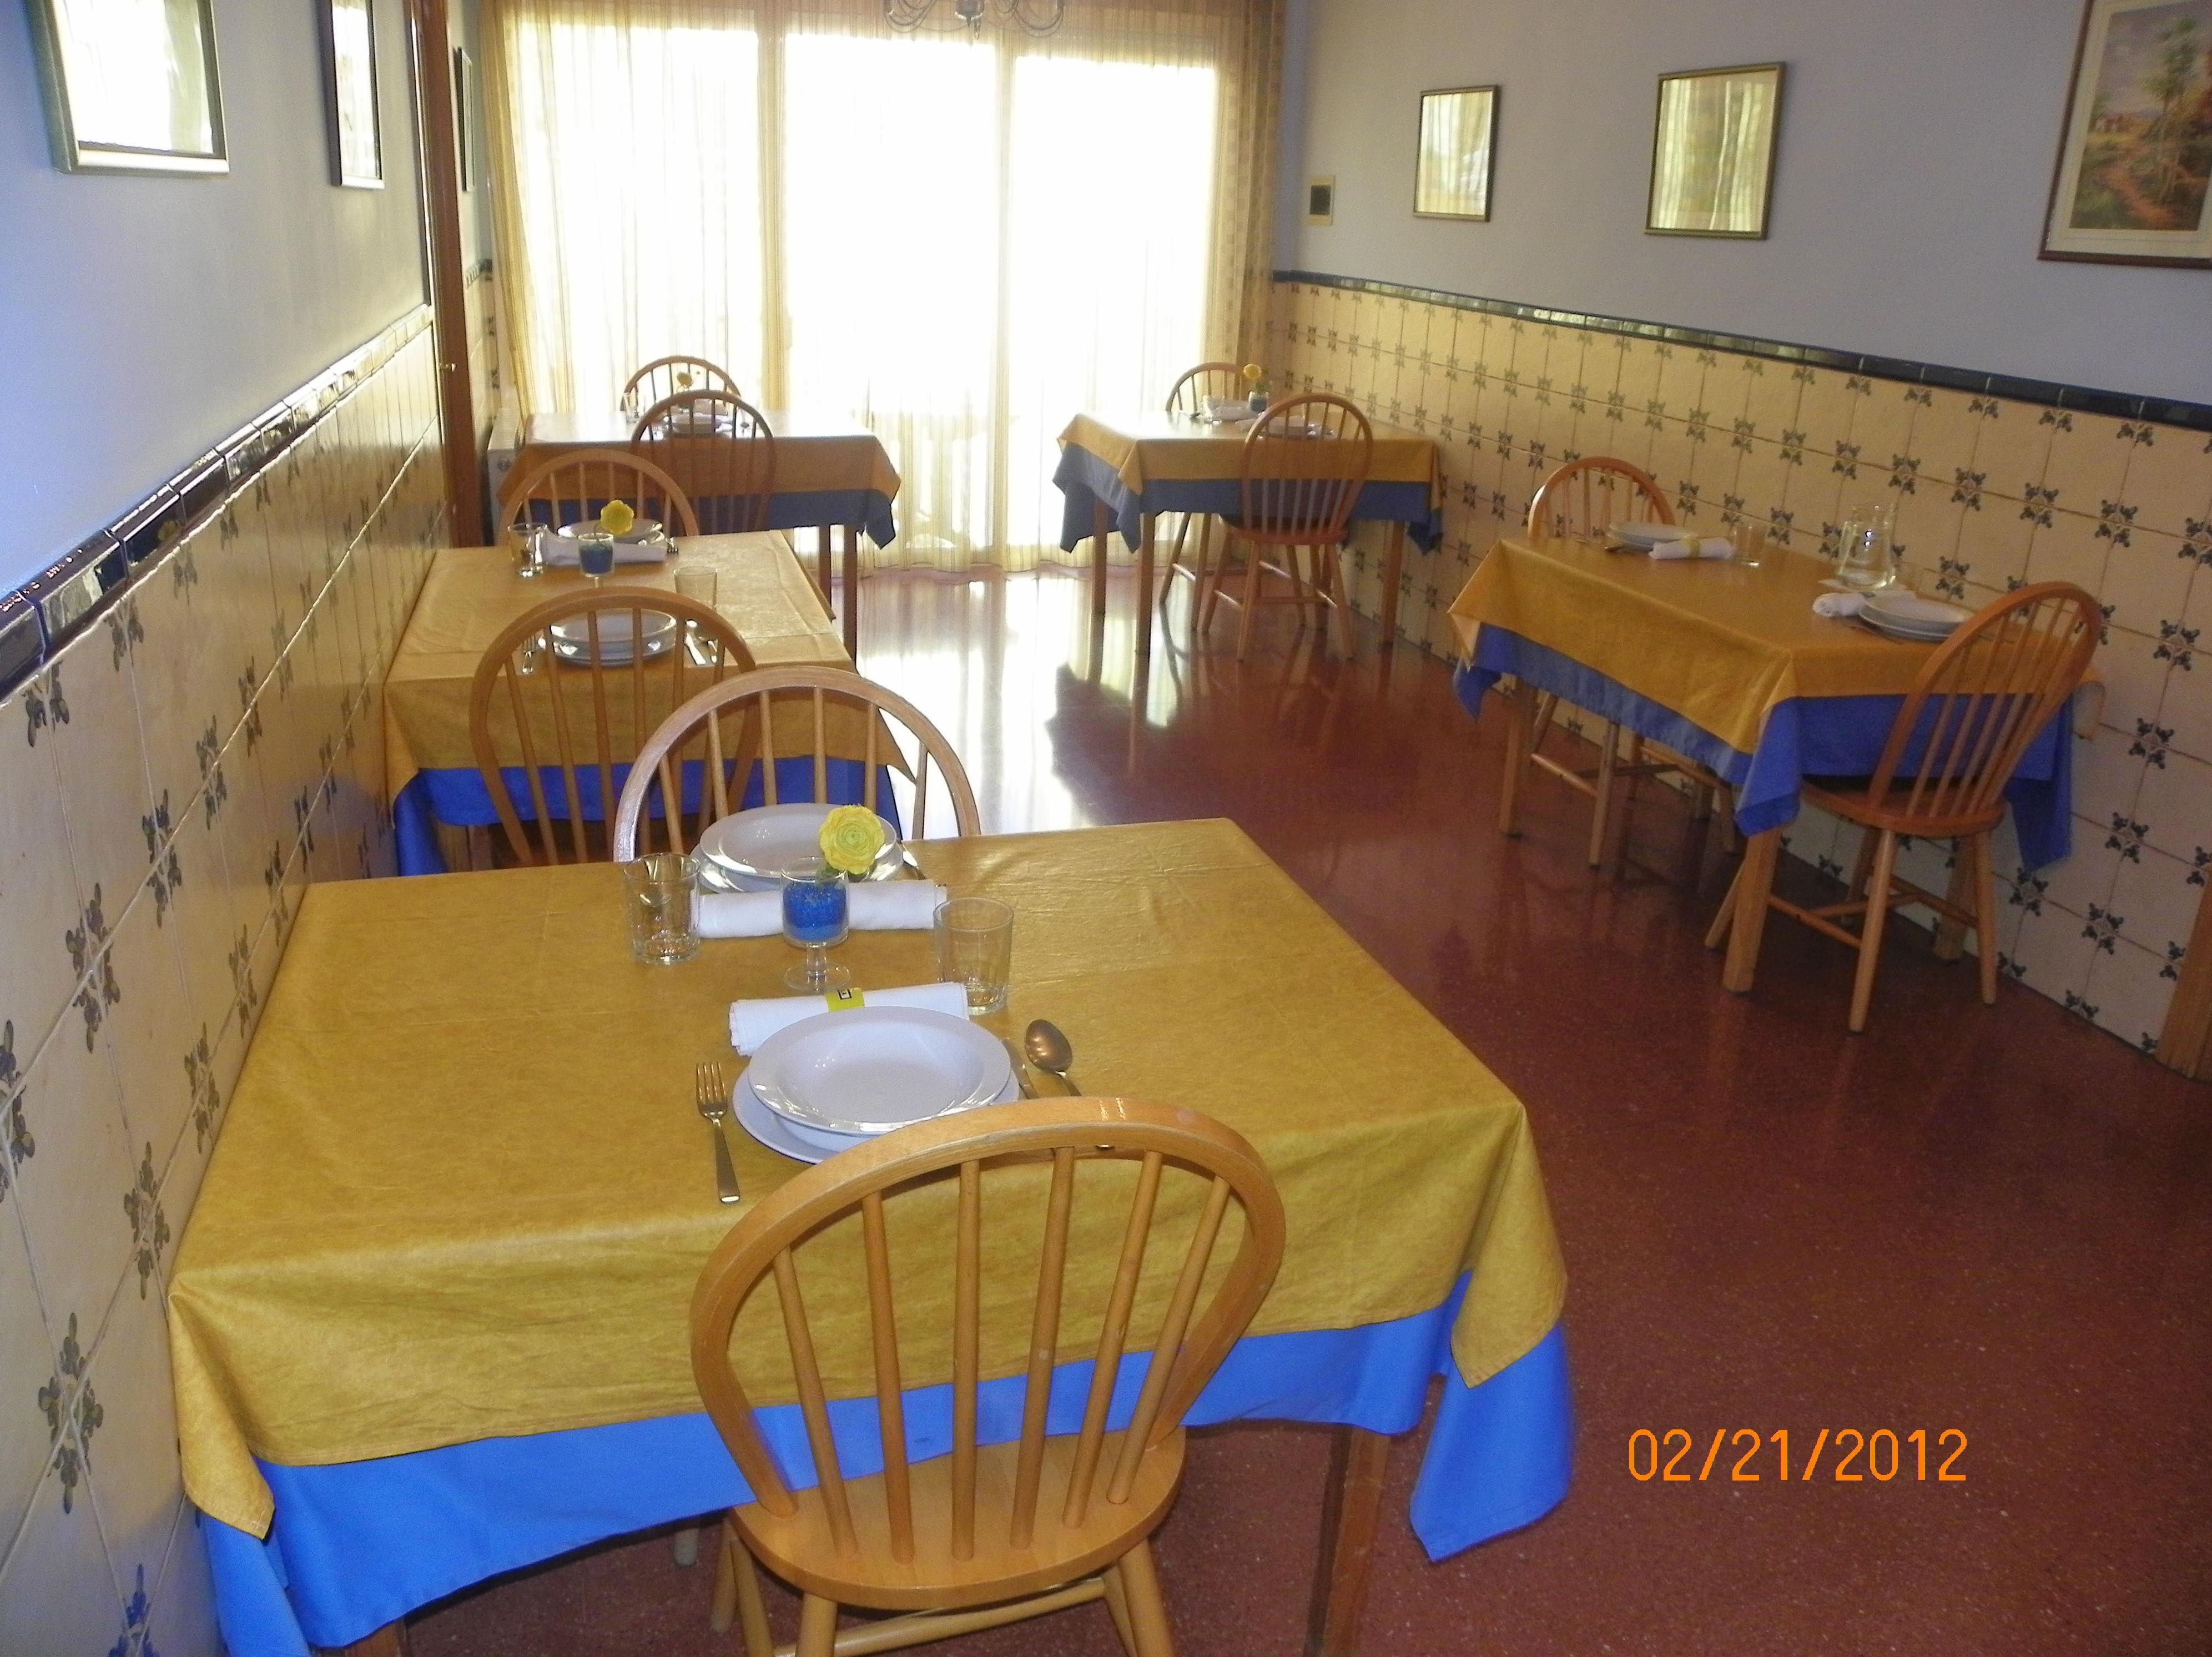 Foto 12 de Residencias geriátricas en Zaratán | Residencia para Personas Mayores Santa Ana